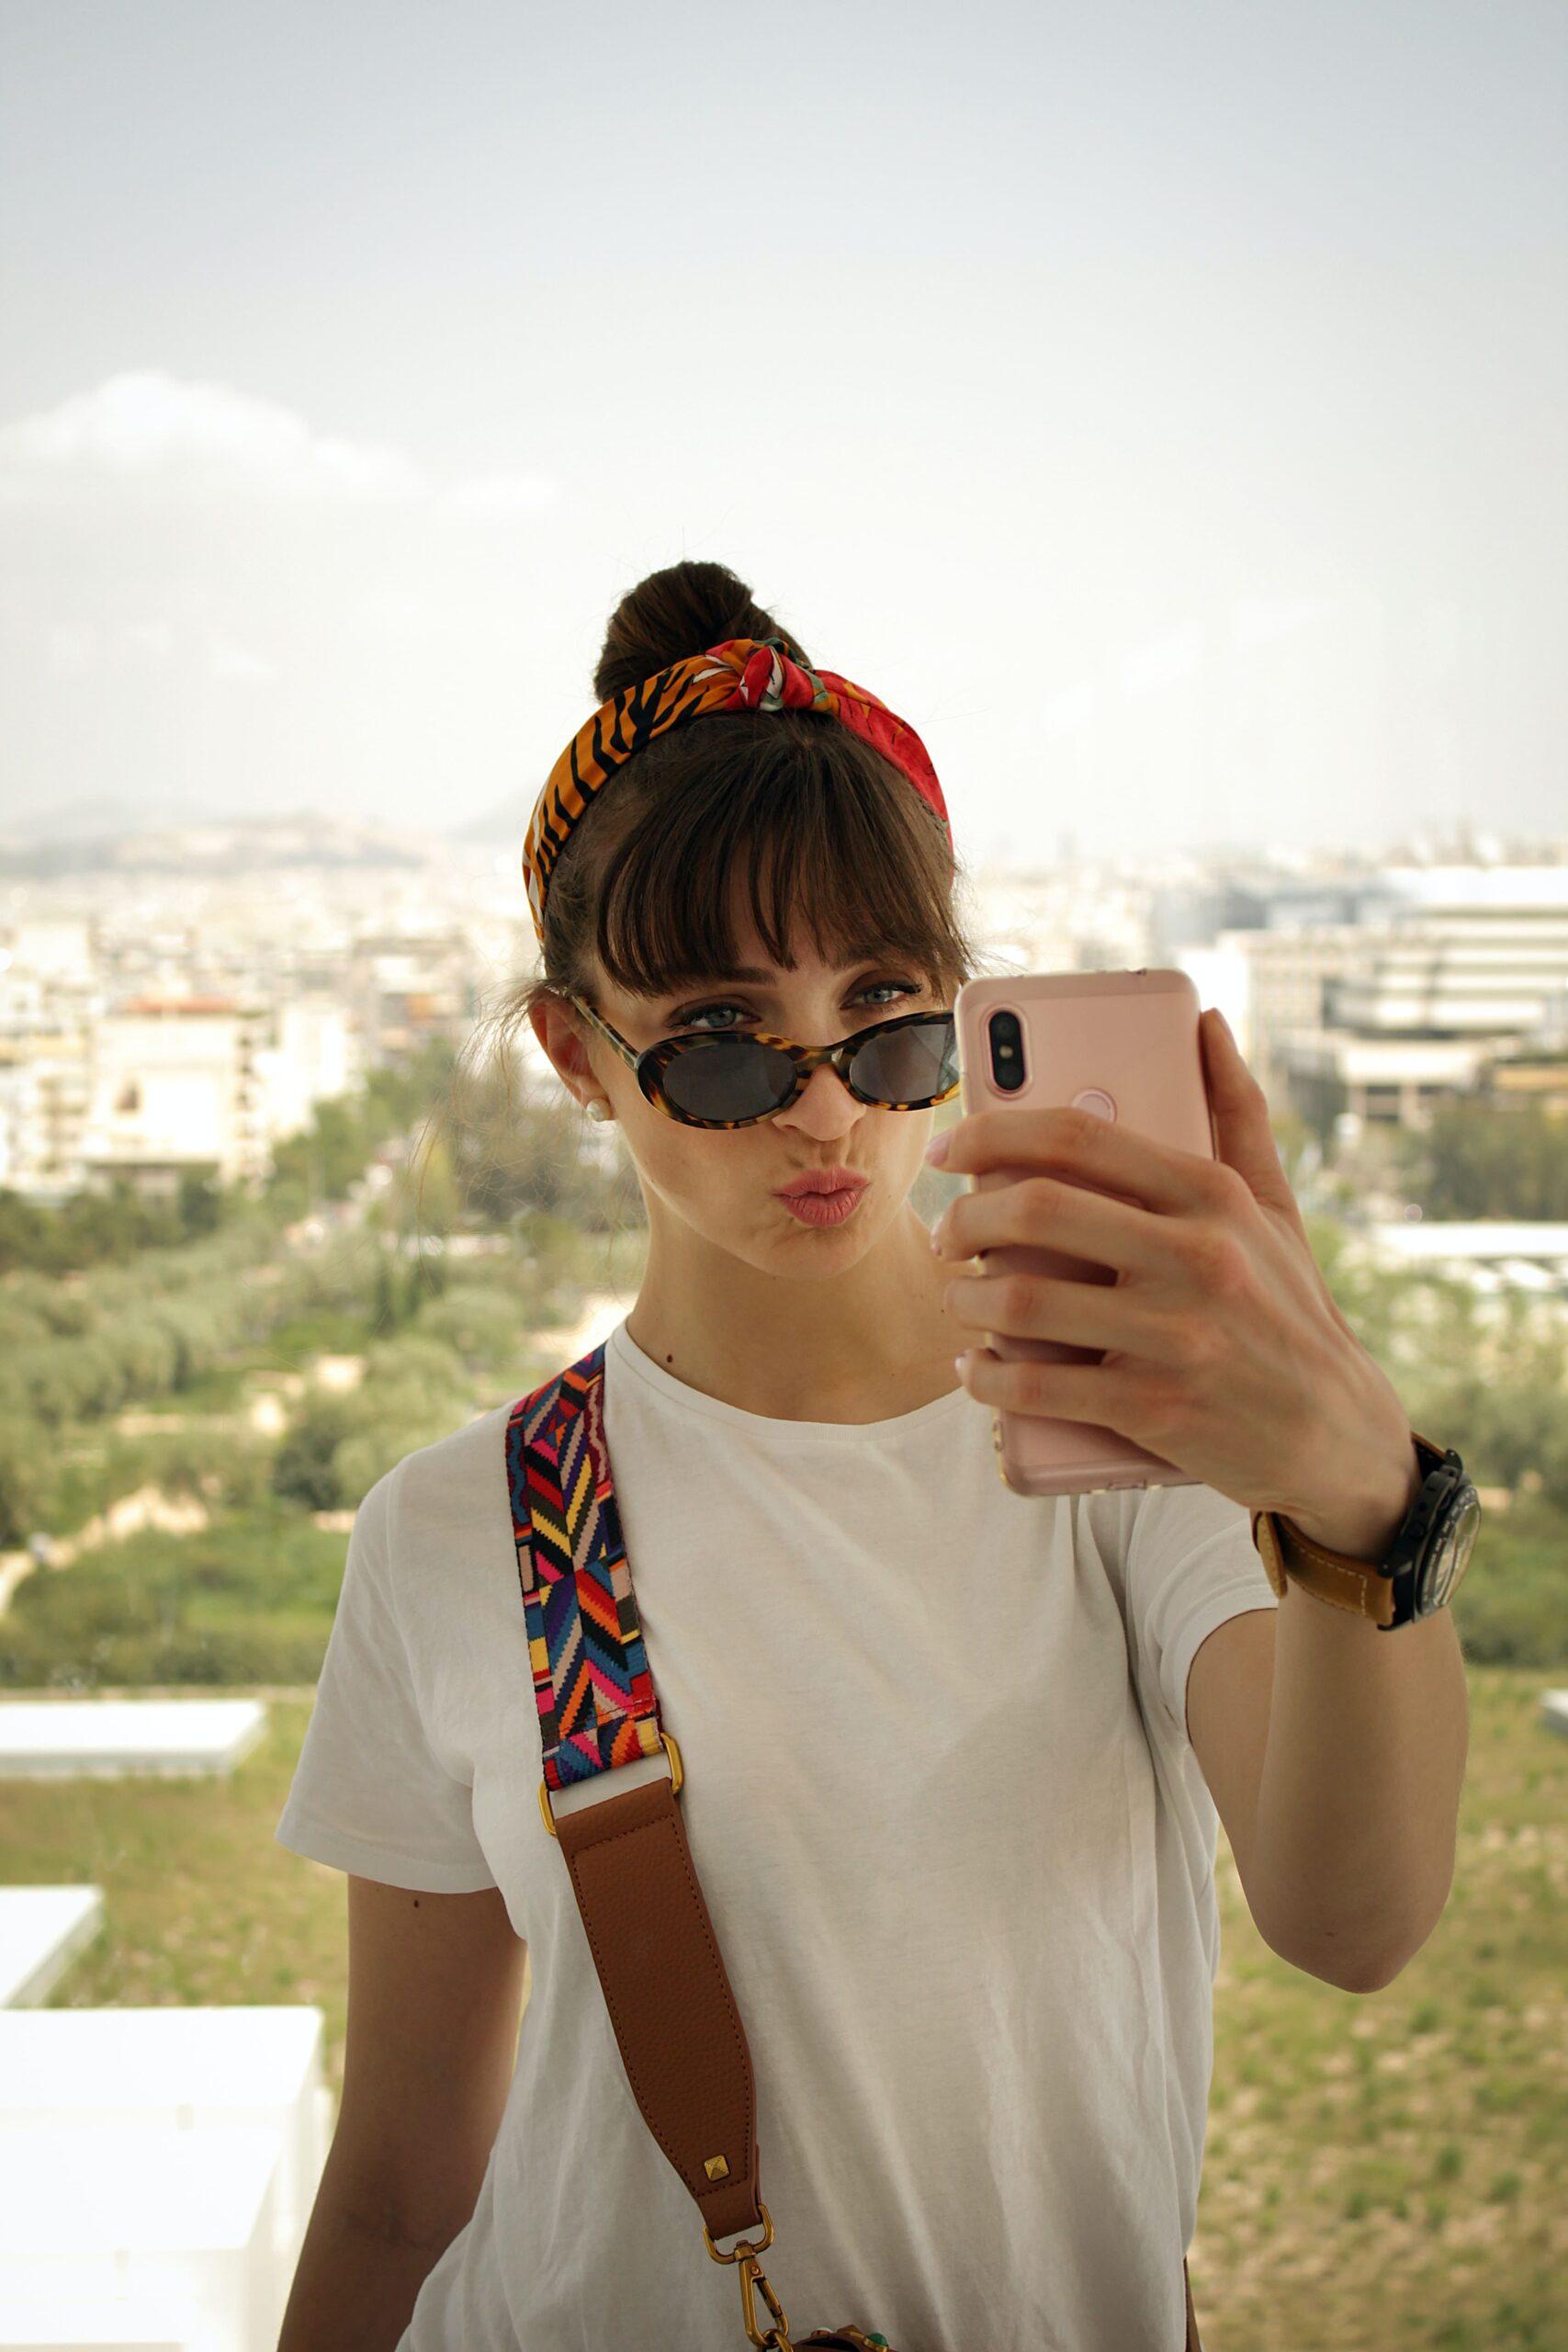 Chica haciendo duckface mientras toma selfie